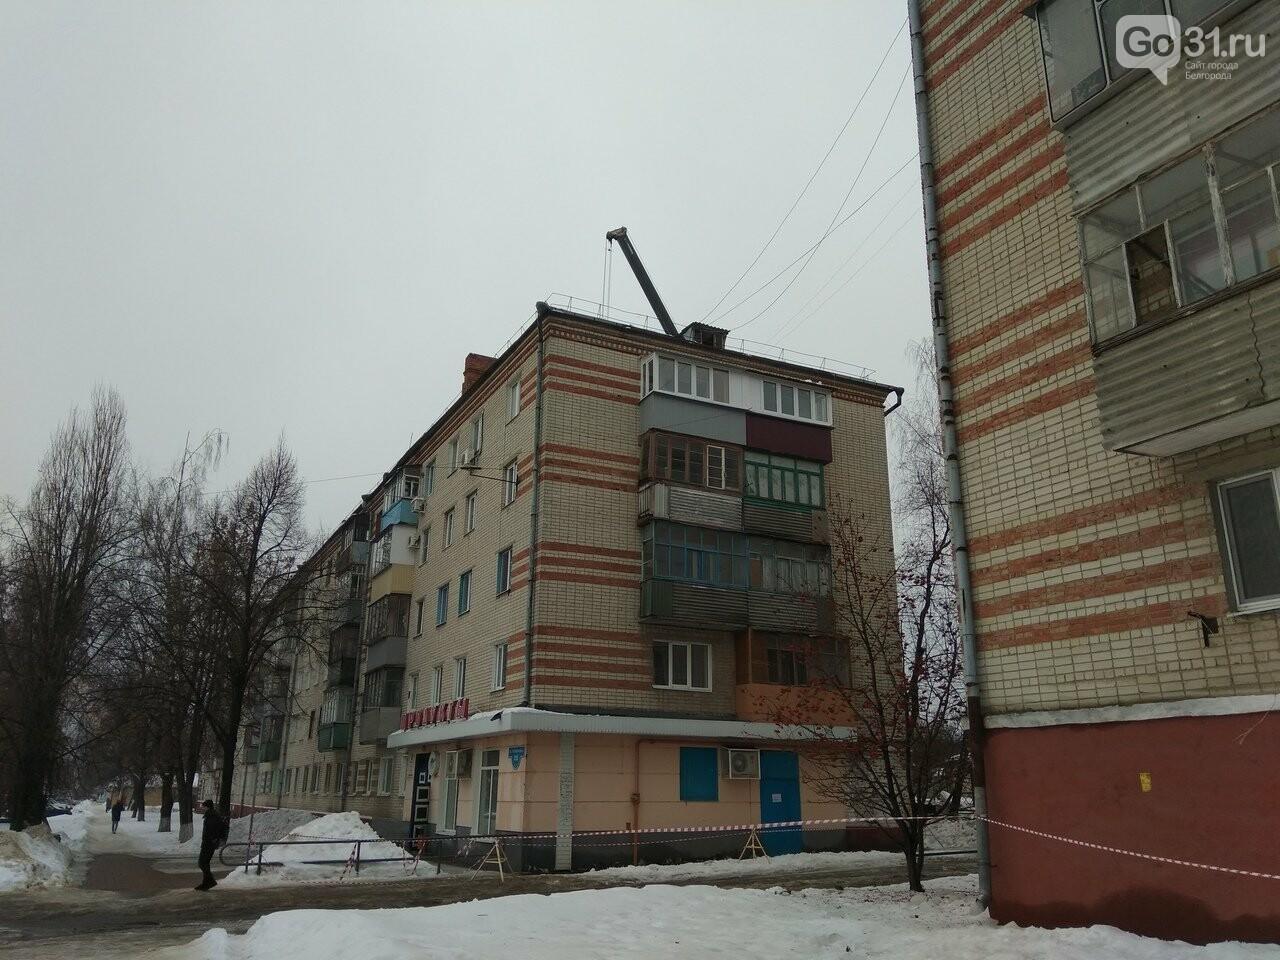 В доме на Чумичова обрушилась крыша из-за плохой работы управляющей компании по очистке снега, фото-1